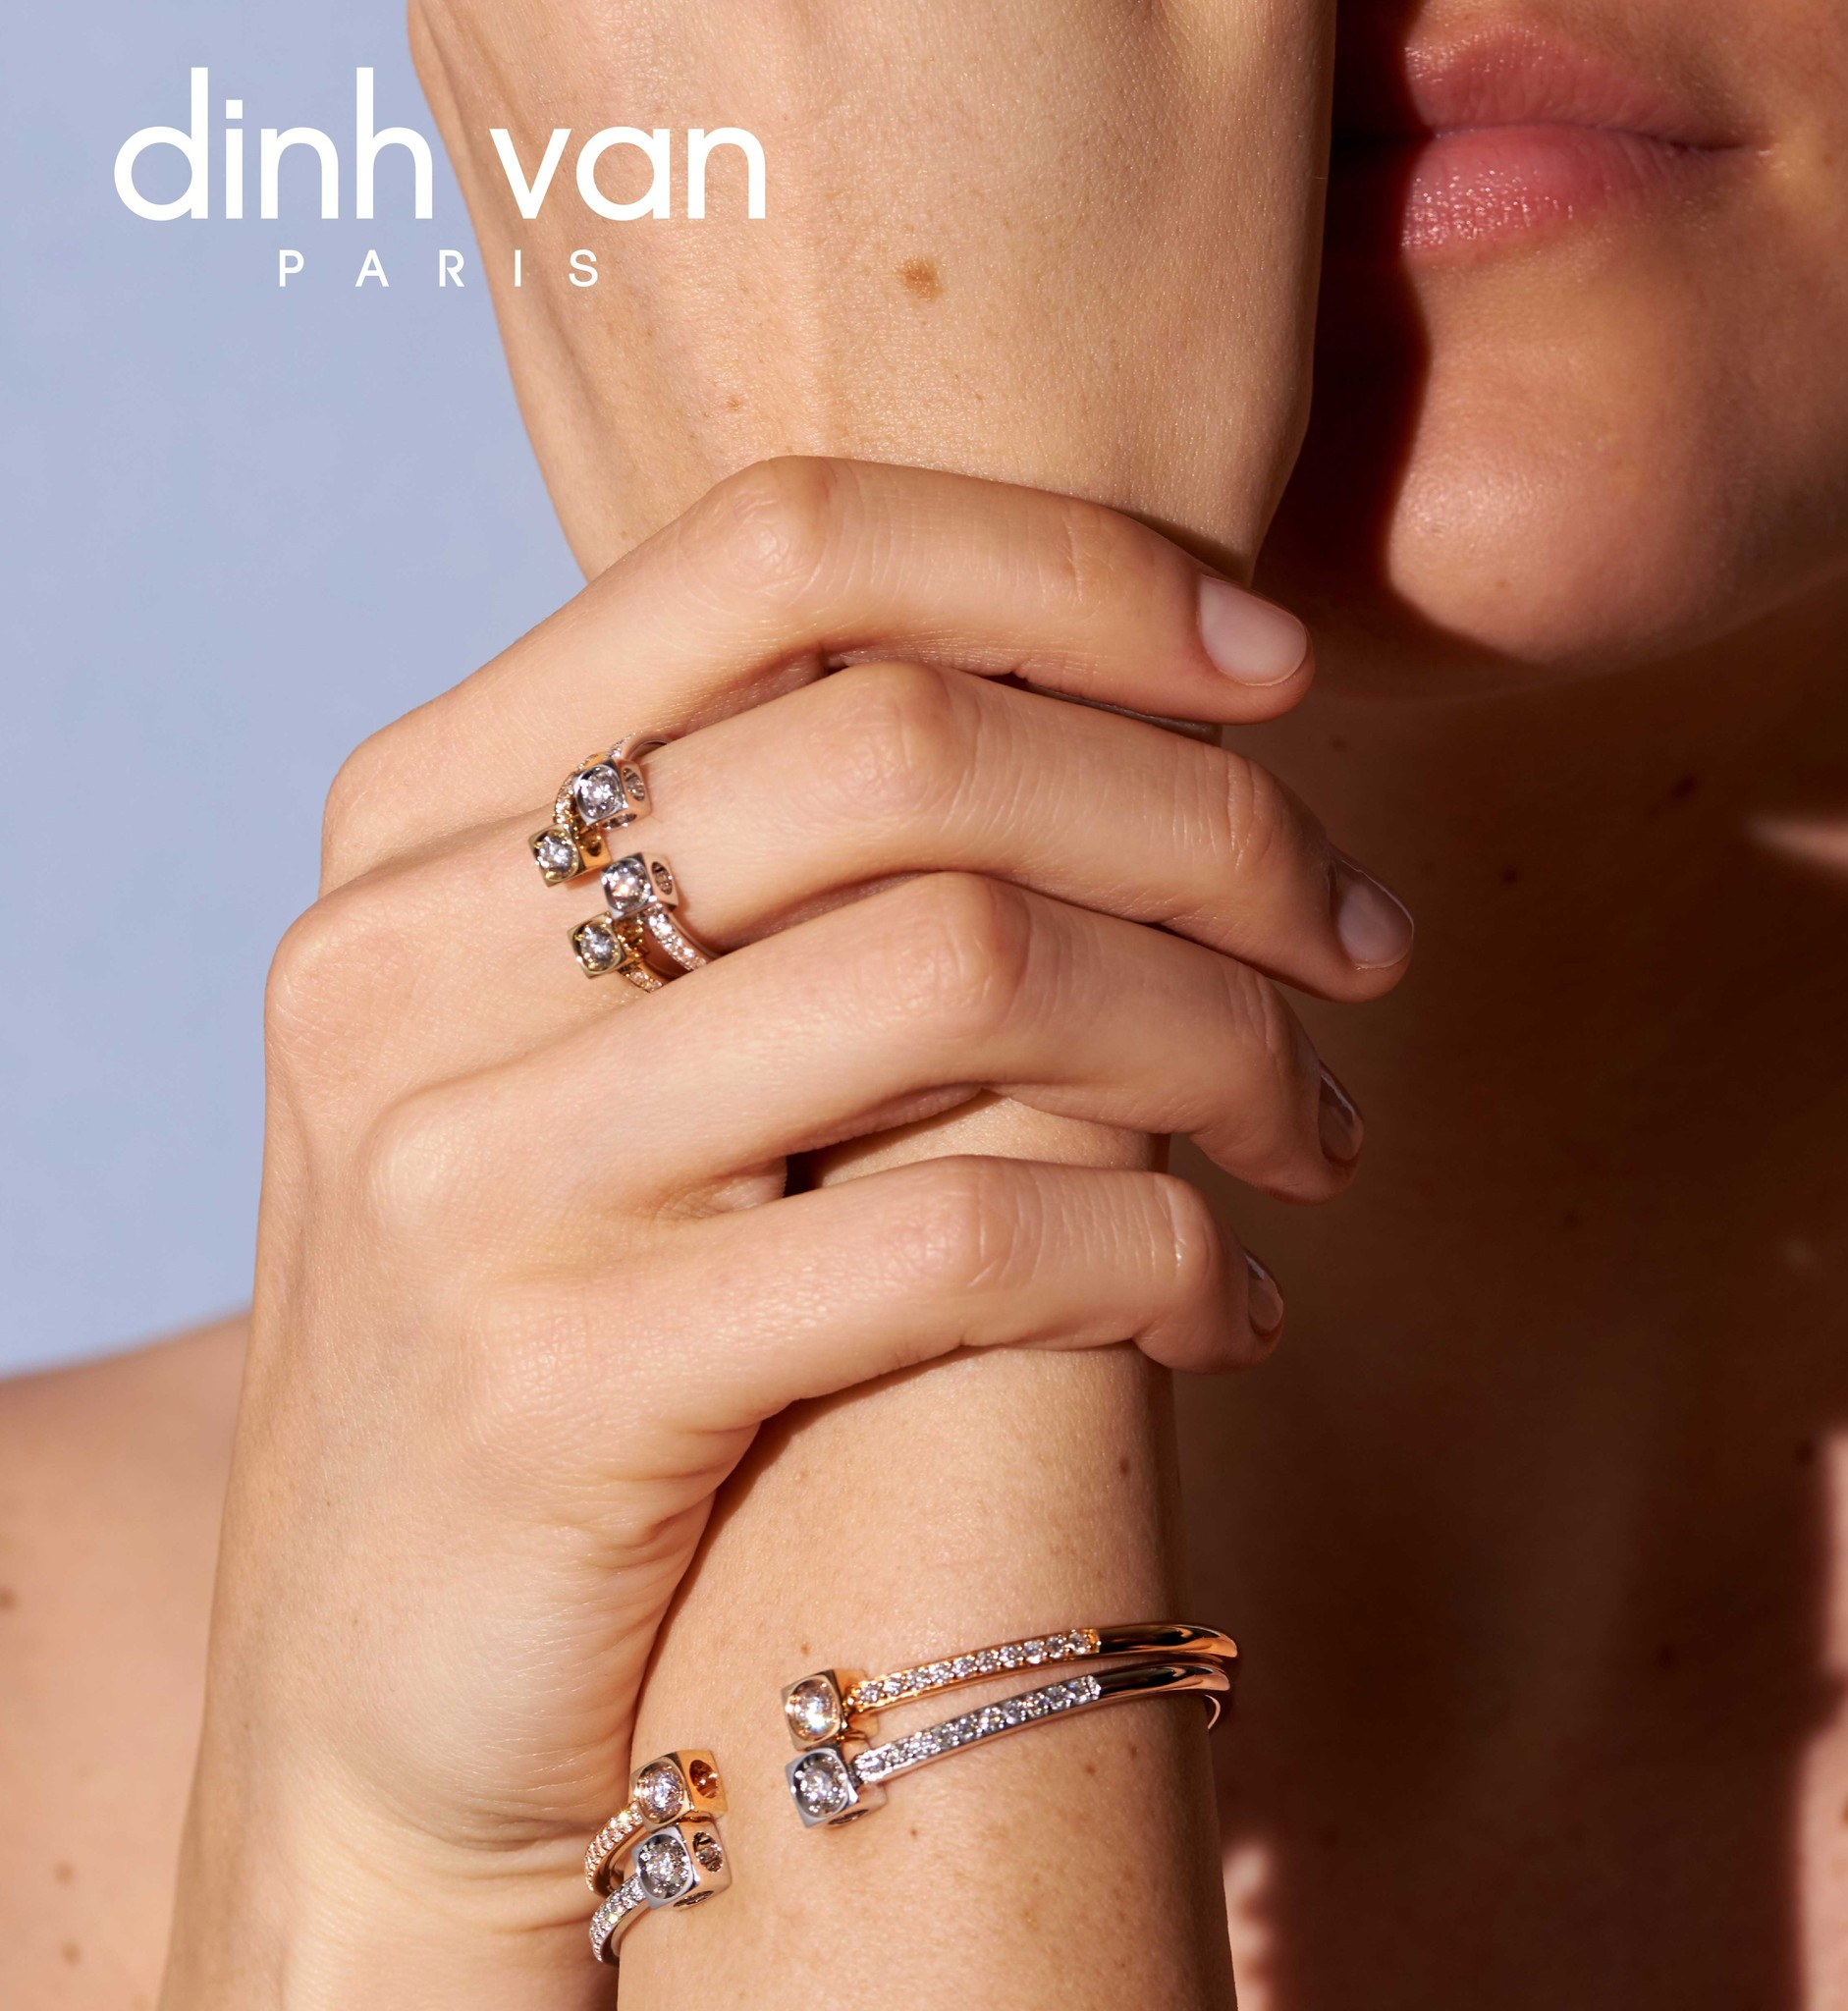 dinh van vanaf 1 september ook te koop in ons juweliershuis in Eindhoven!